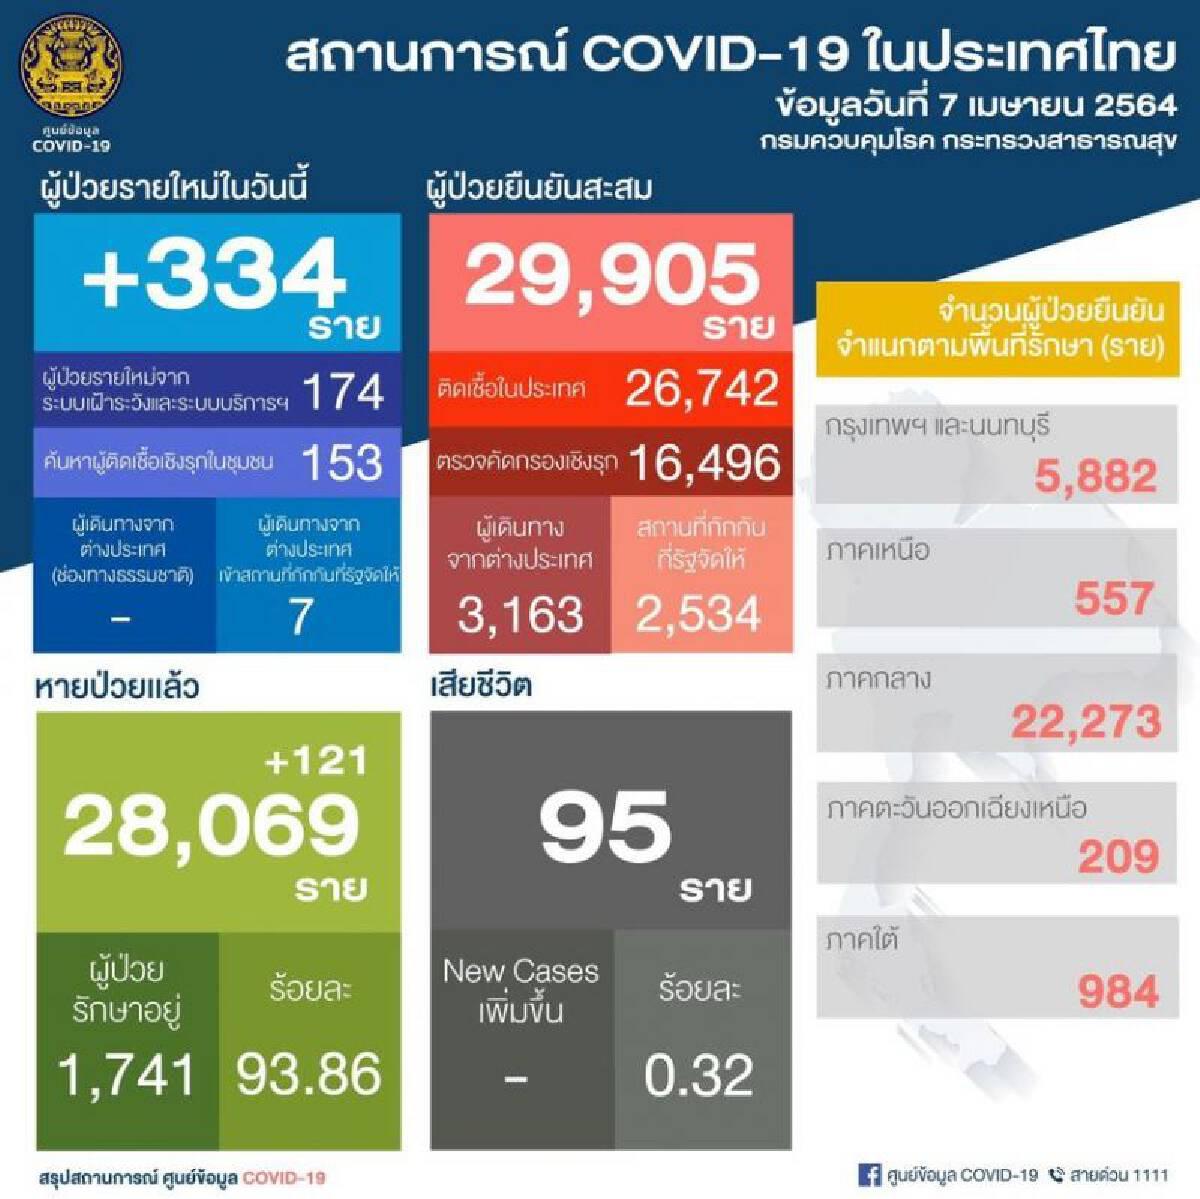 ยอดติดเชื้อโควิด 7 เม.ย.64 รายใหม่ 334 สะสม 29,905 ราย